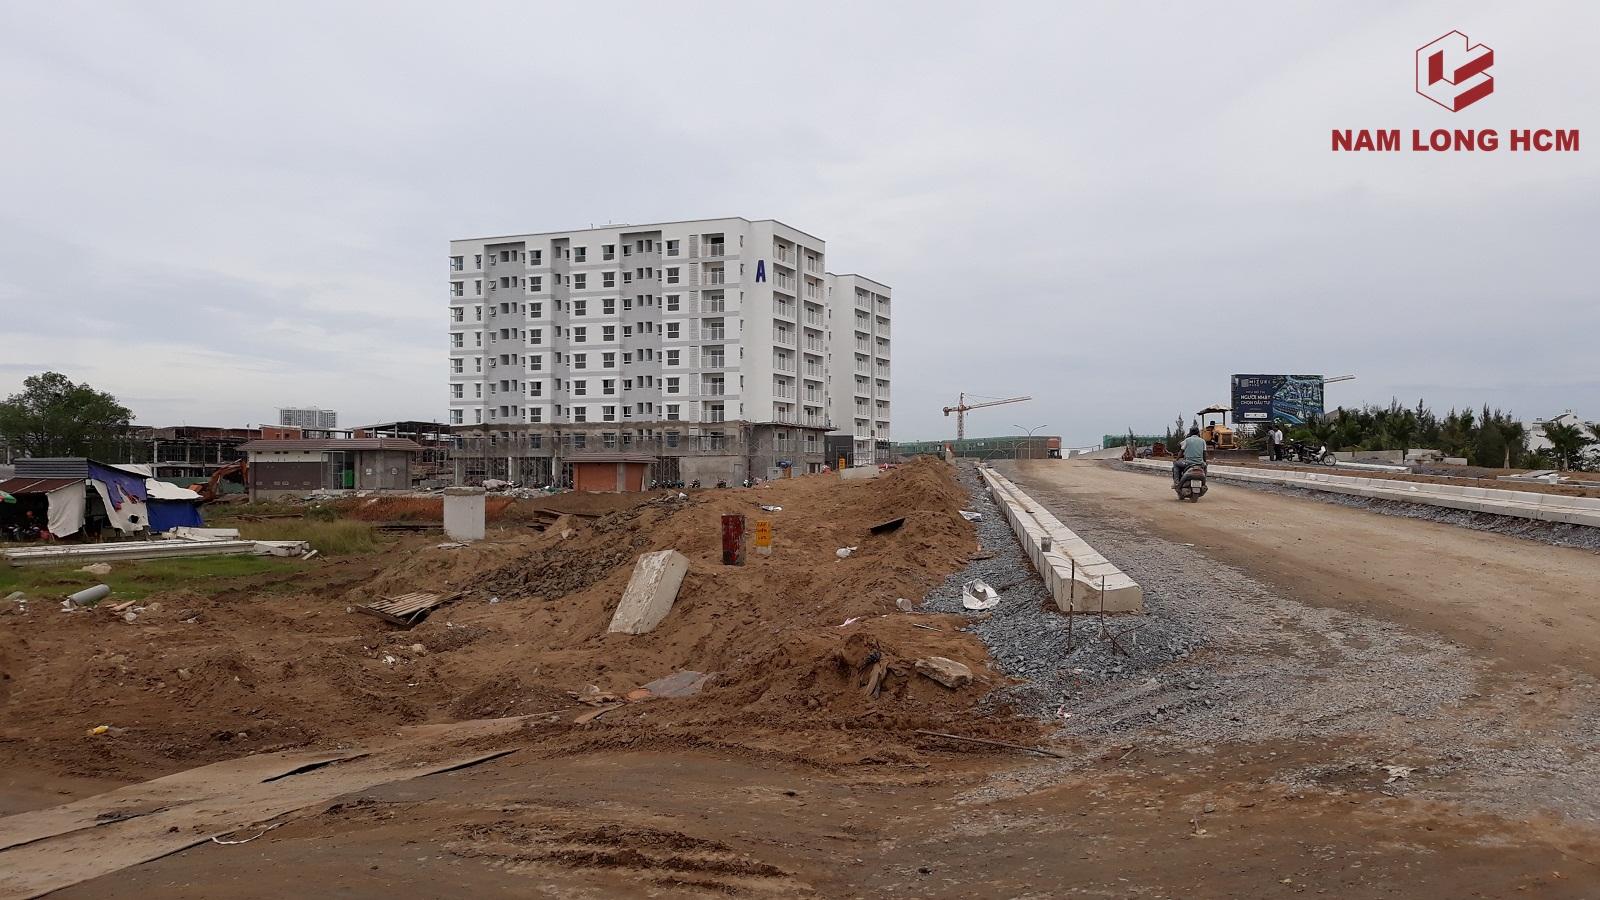 Block A - Dự án Ehome Nam Sài Gòn đang hoàn thiện nội thất. Ảnh: Nam Long HCM